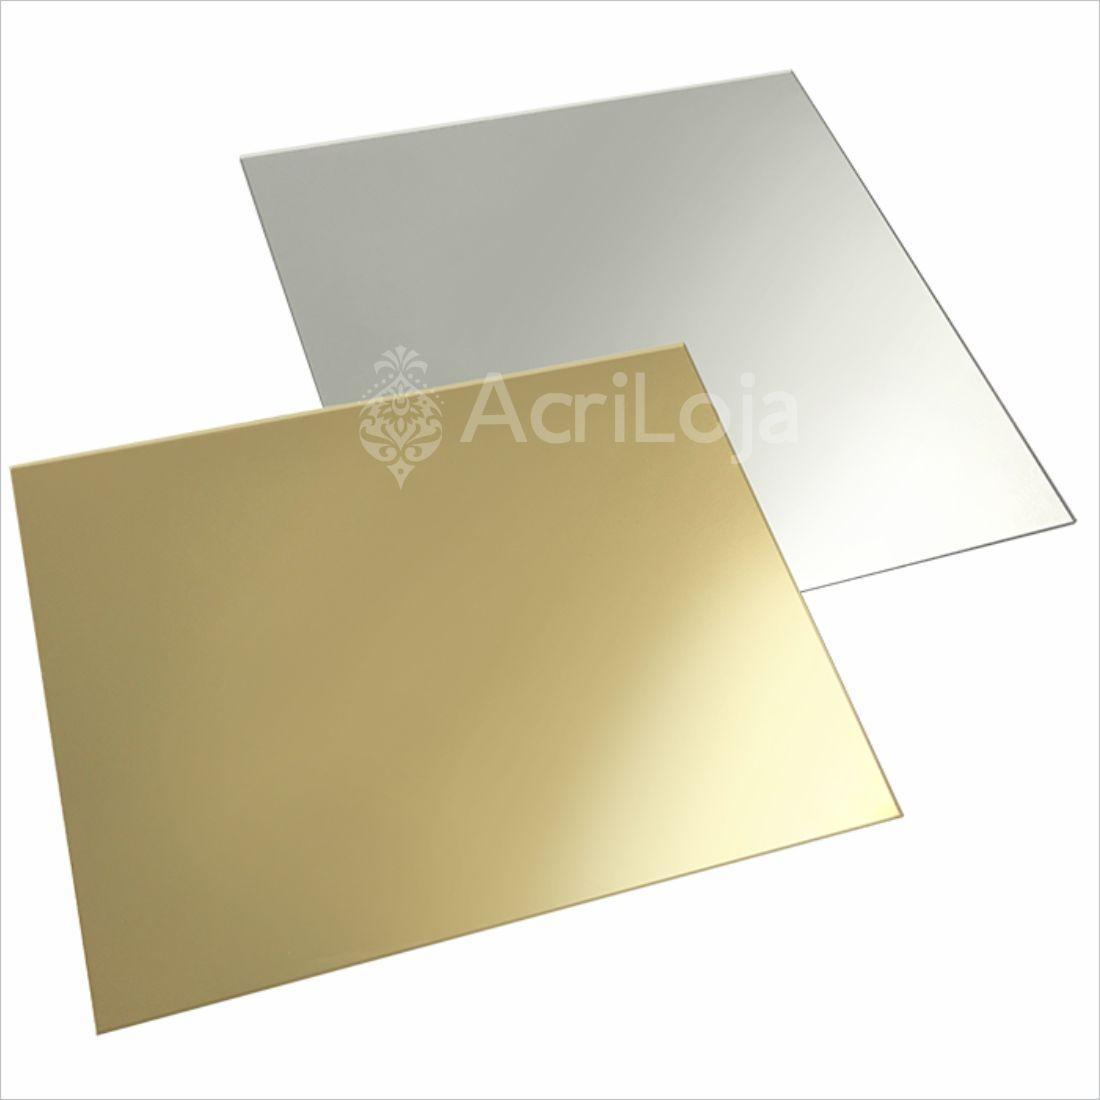 Placa de Acrilico Espelhado 100cm x 200cm Espessura 2mm, Chapa de Acrilico